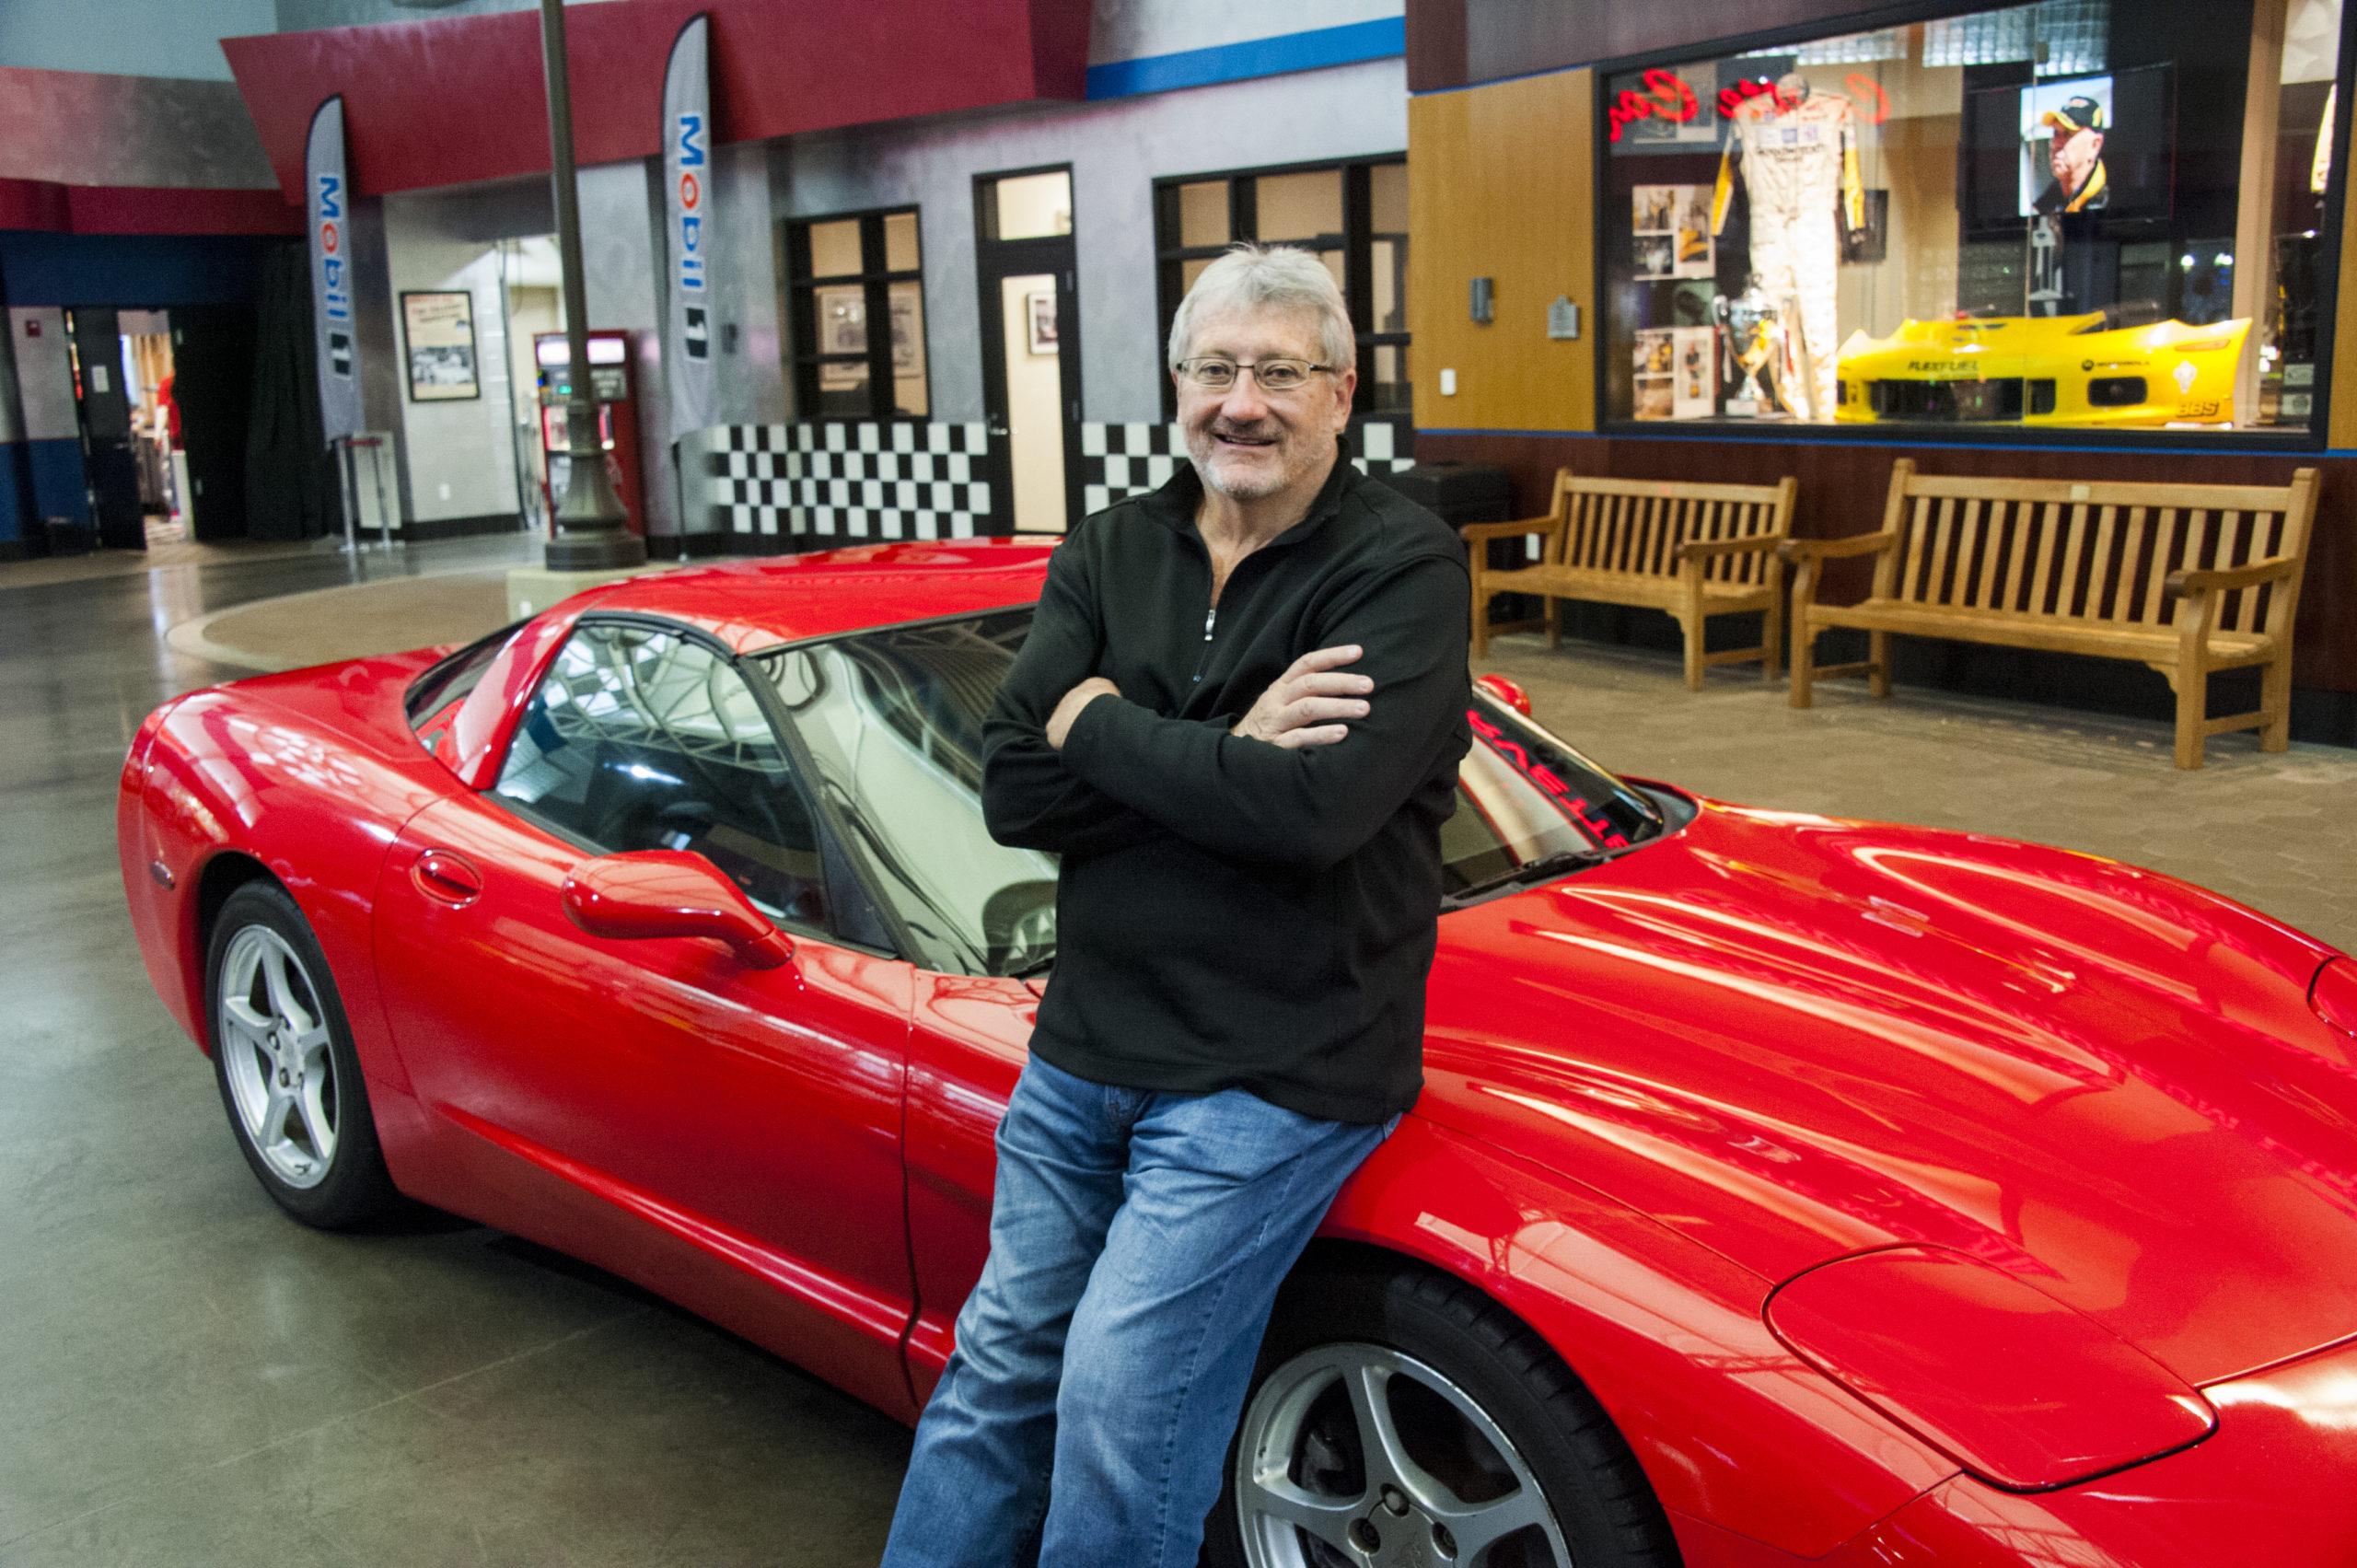 2000 High Mileage Corvette Donation